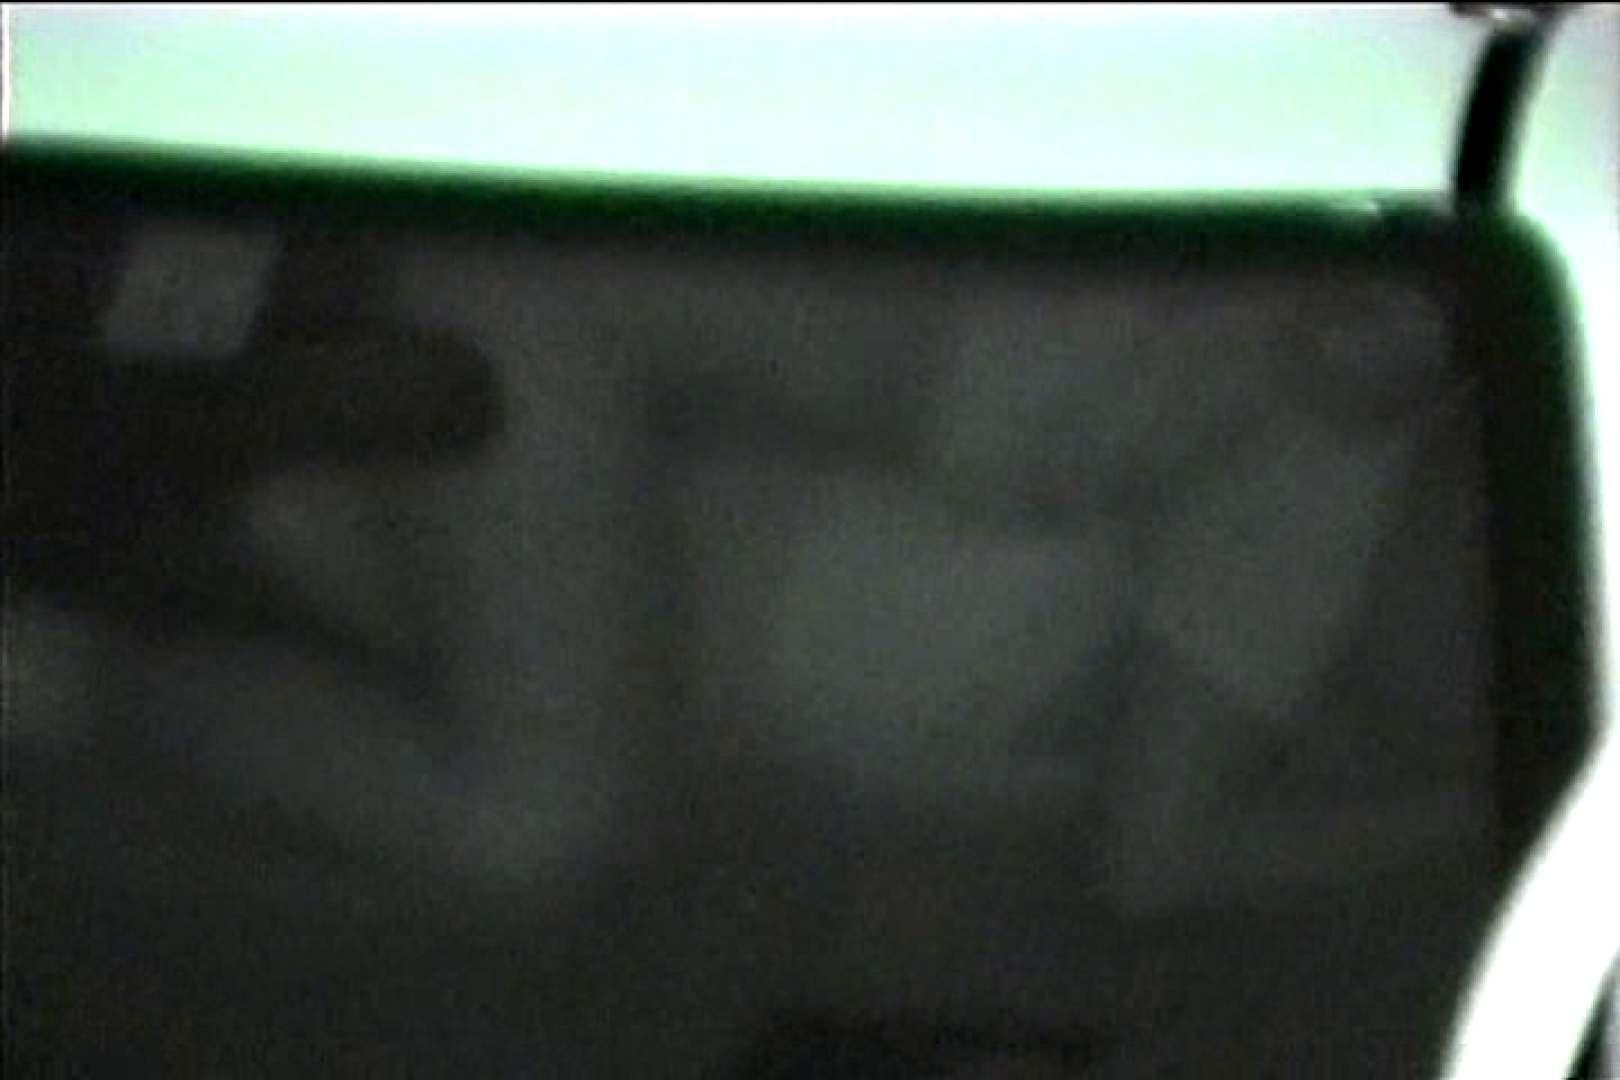 車の中はラブホテル 無修正版  Vol.7 セックス流出映像 ヌード画像 96連発 51